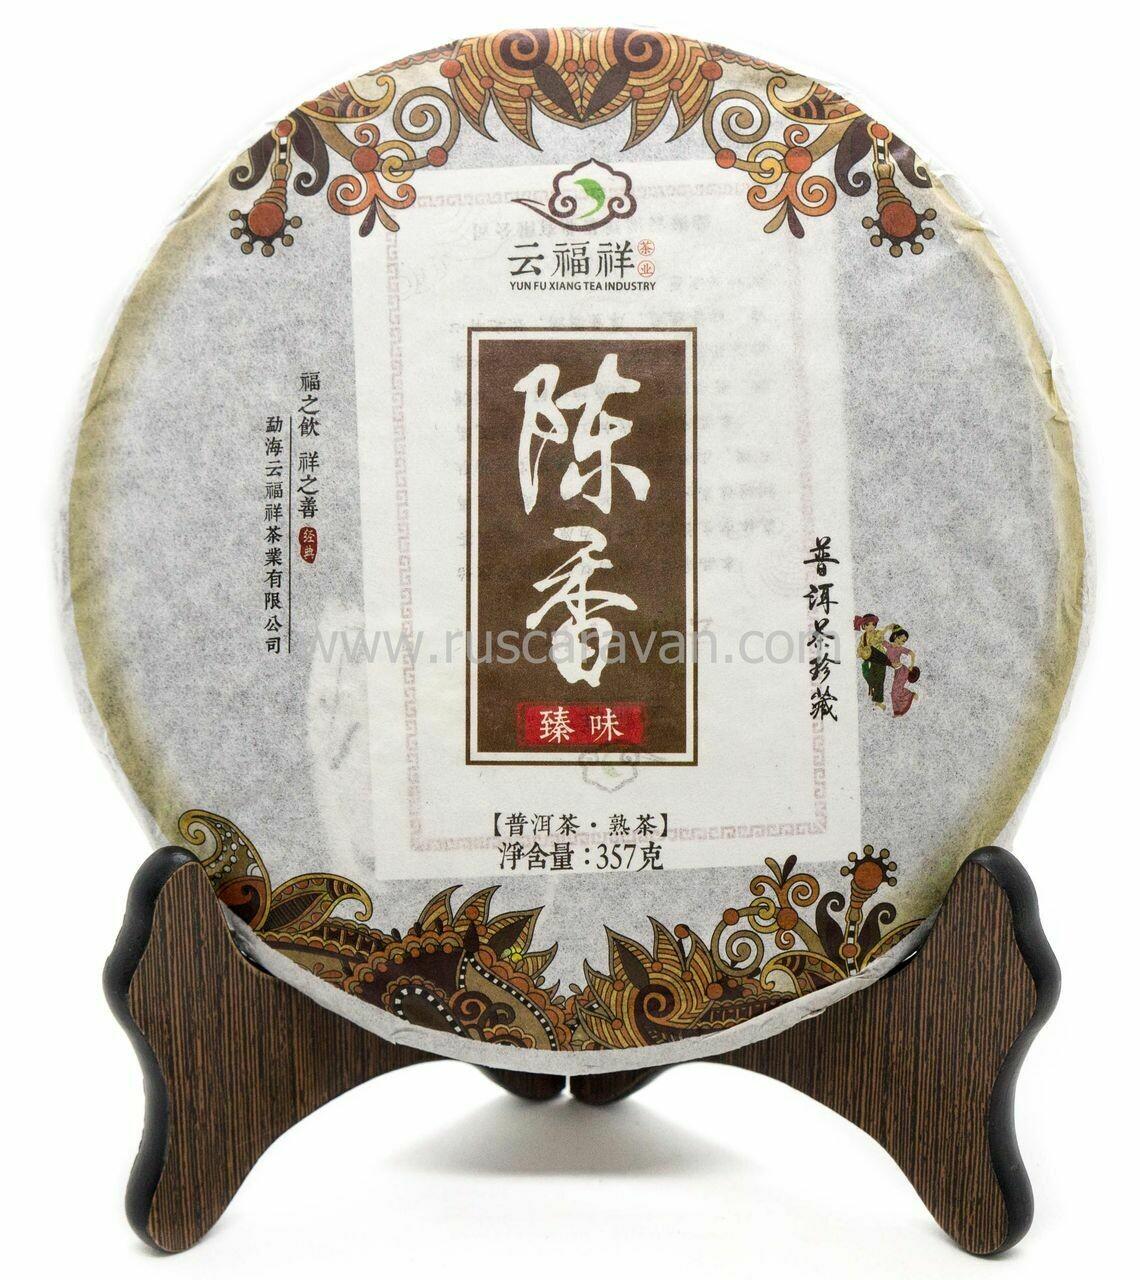 59186 Чай прессованный черный Пуэр Шу  Чэнь Сян Выдержанный аромат (ци цзы бин 357гр.) 2015г.